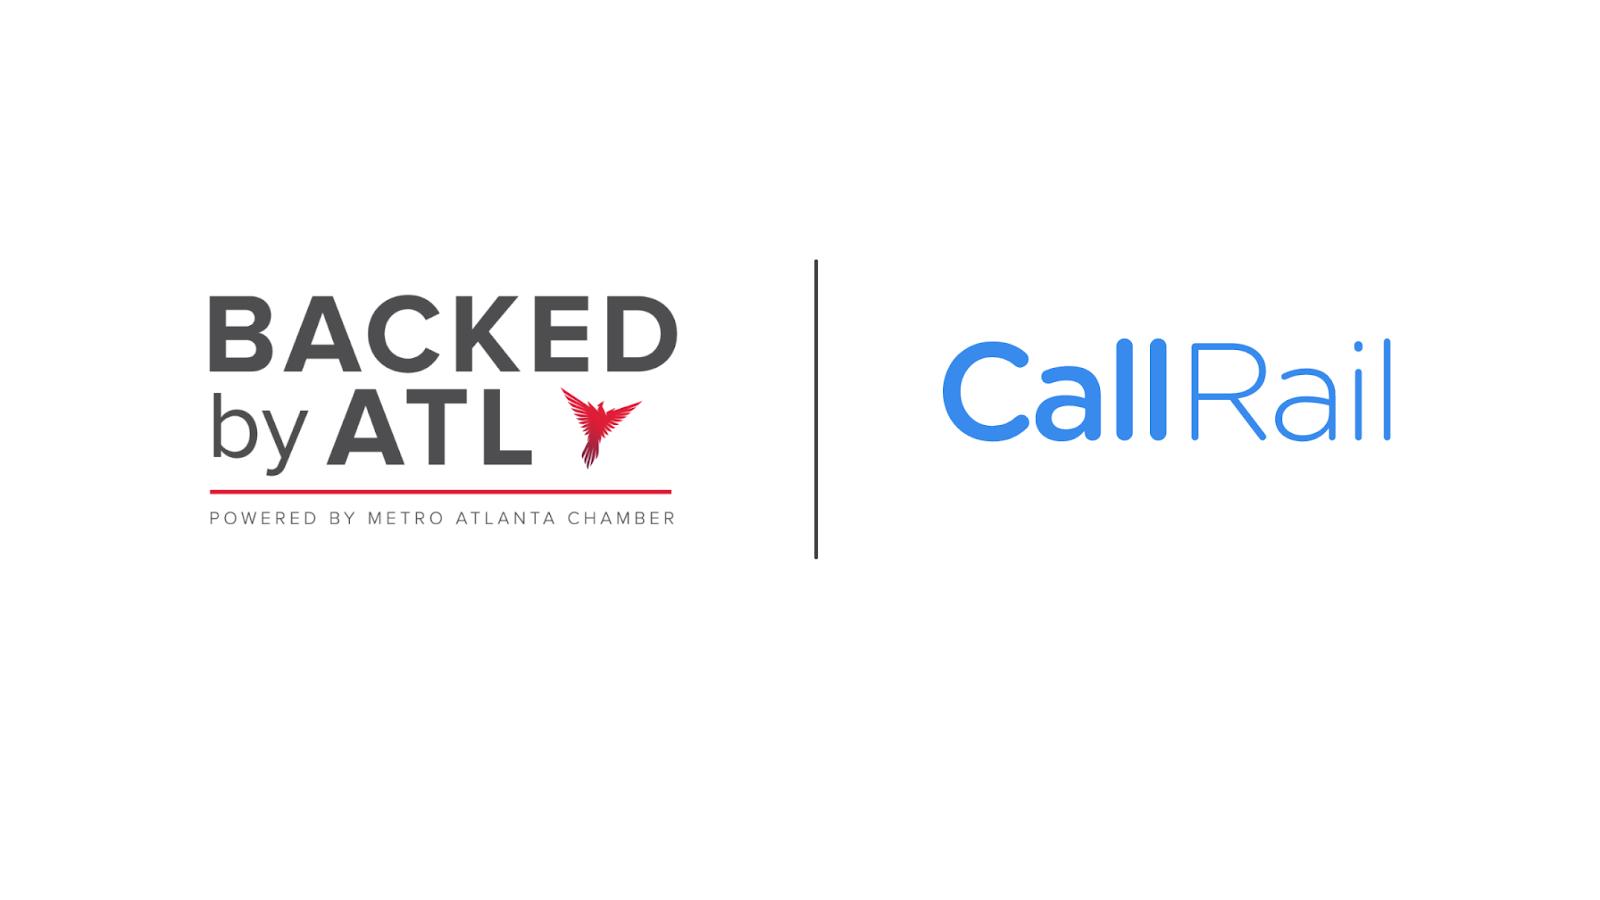 CallRail and Backed by ATL logos